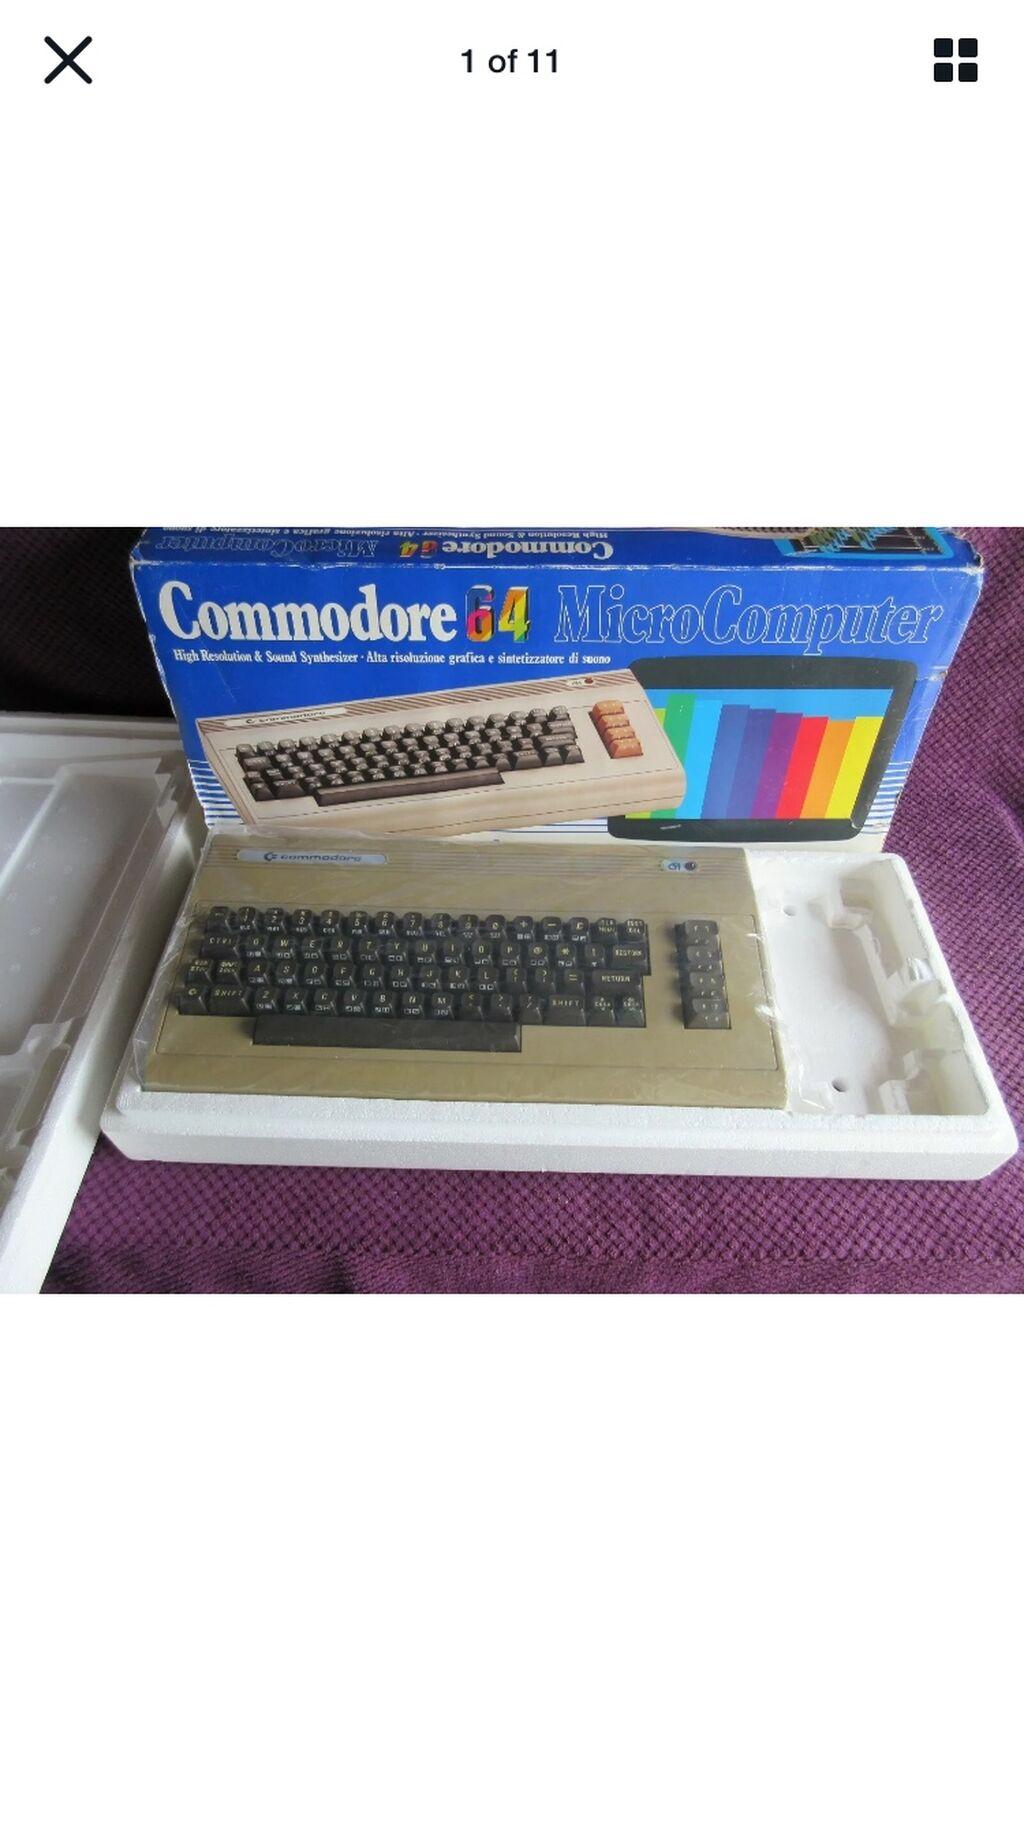 Ζητώ κουτί από Commodore 64(sleeve και φελιζόλ μόνο) ,καθώς και floppy 1541 με τα καλώδια του λειτουργικό